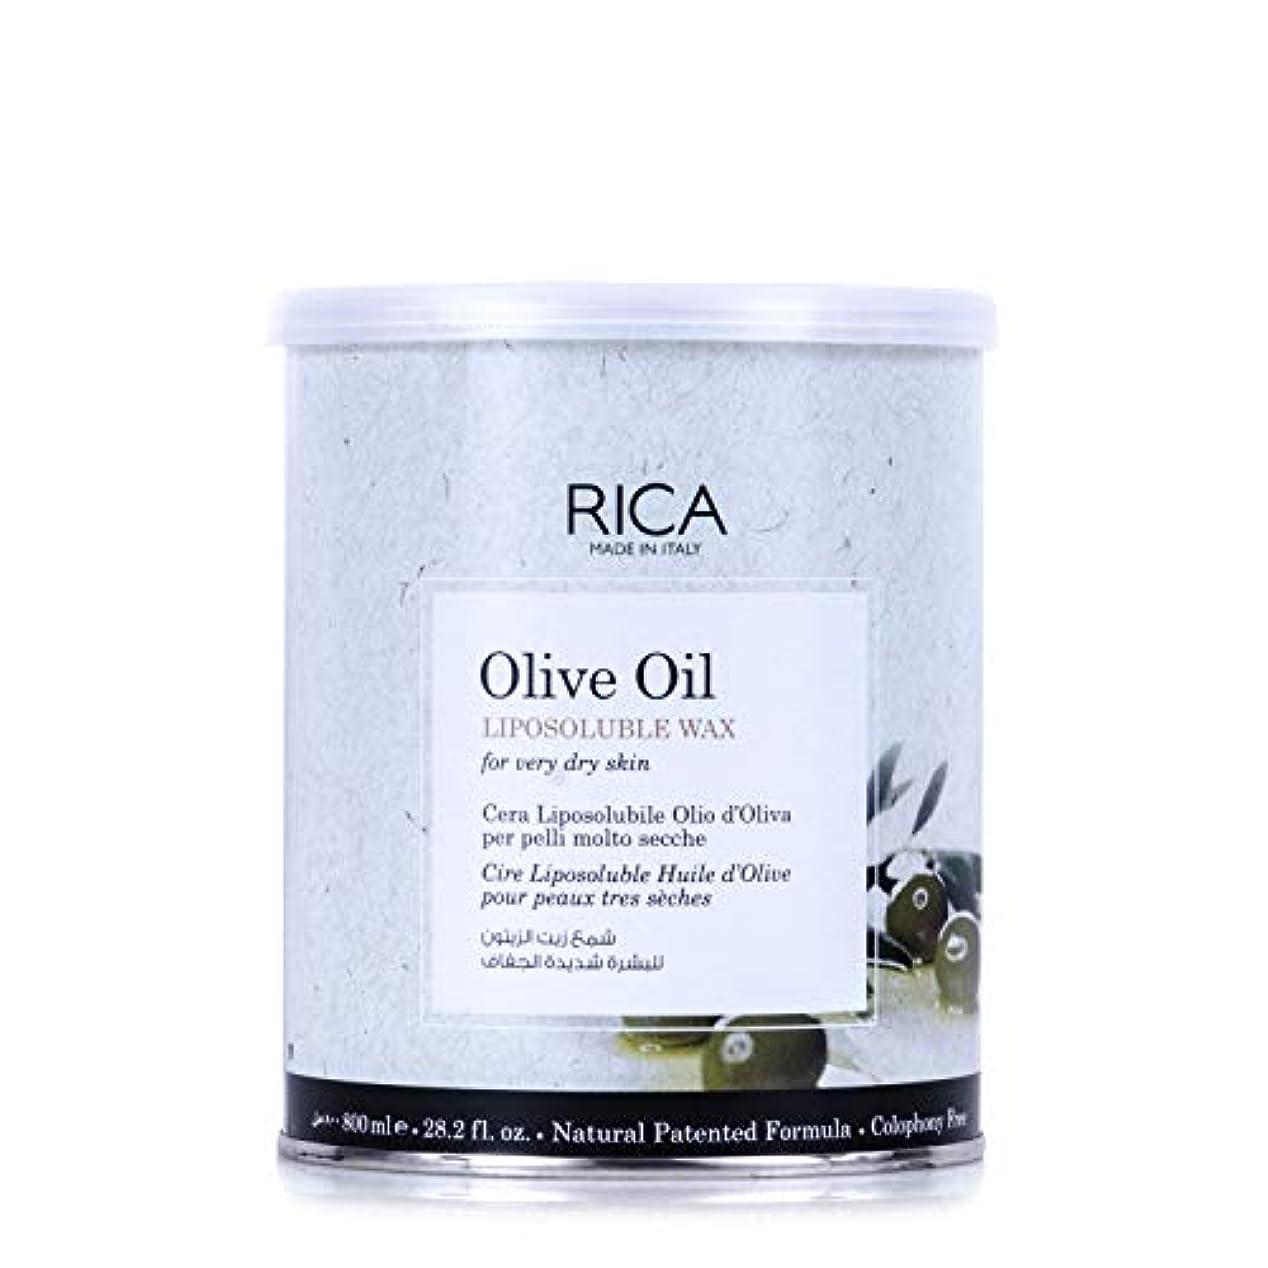 きつく甥学生RICA リポソルブルワックス OLO(オリーブオイル) 800mL ワックス脱毛 Olive Oil LIPOSOLUBLE WAX for very dry skin リカ